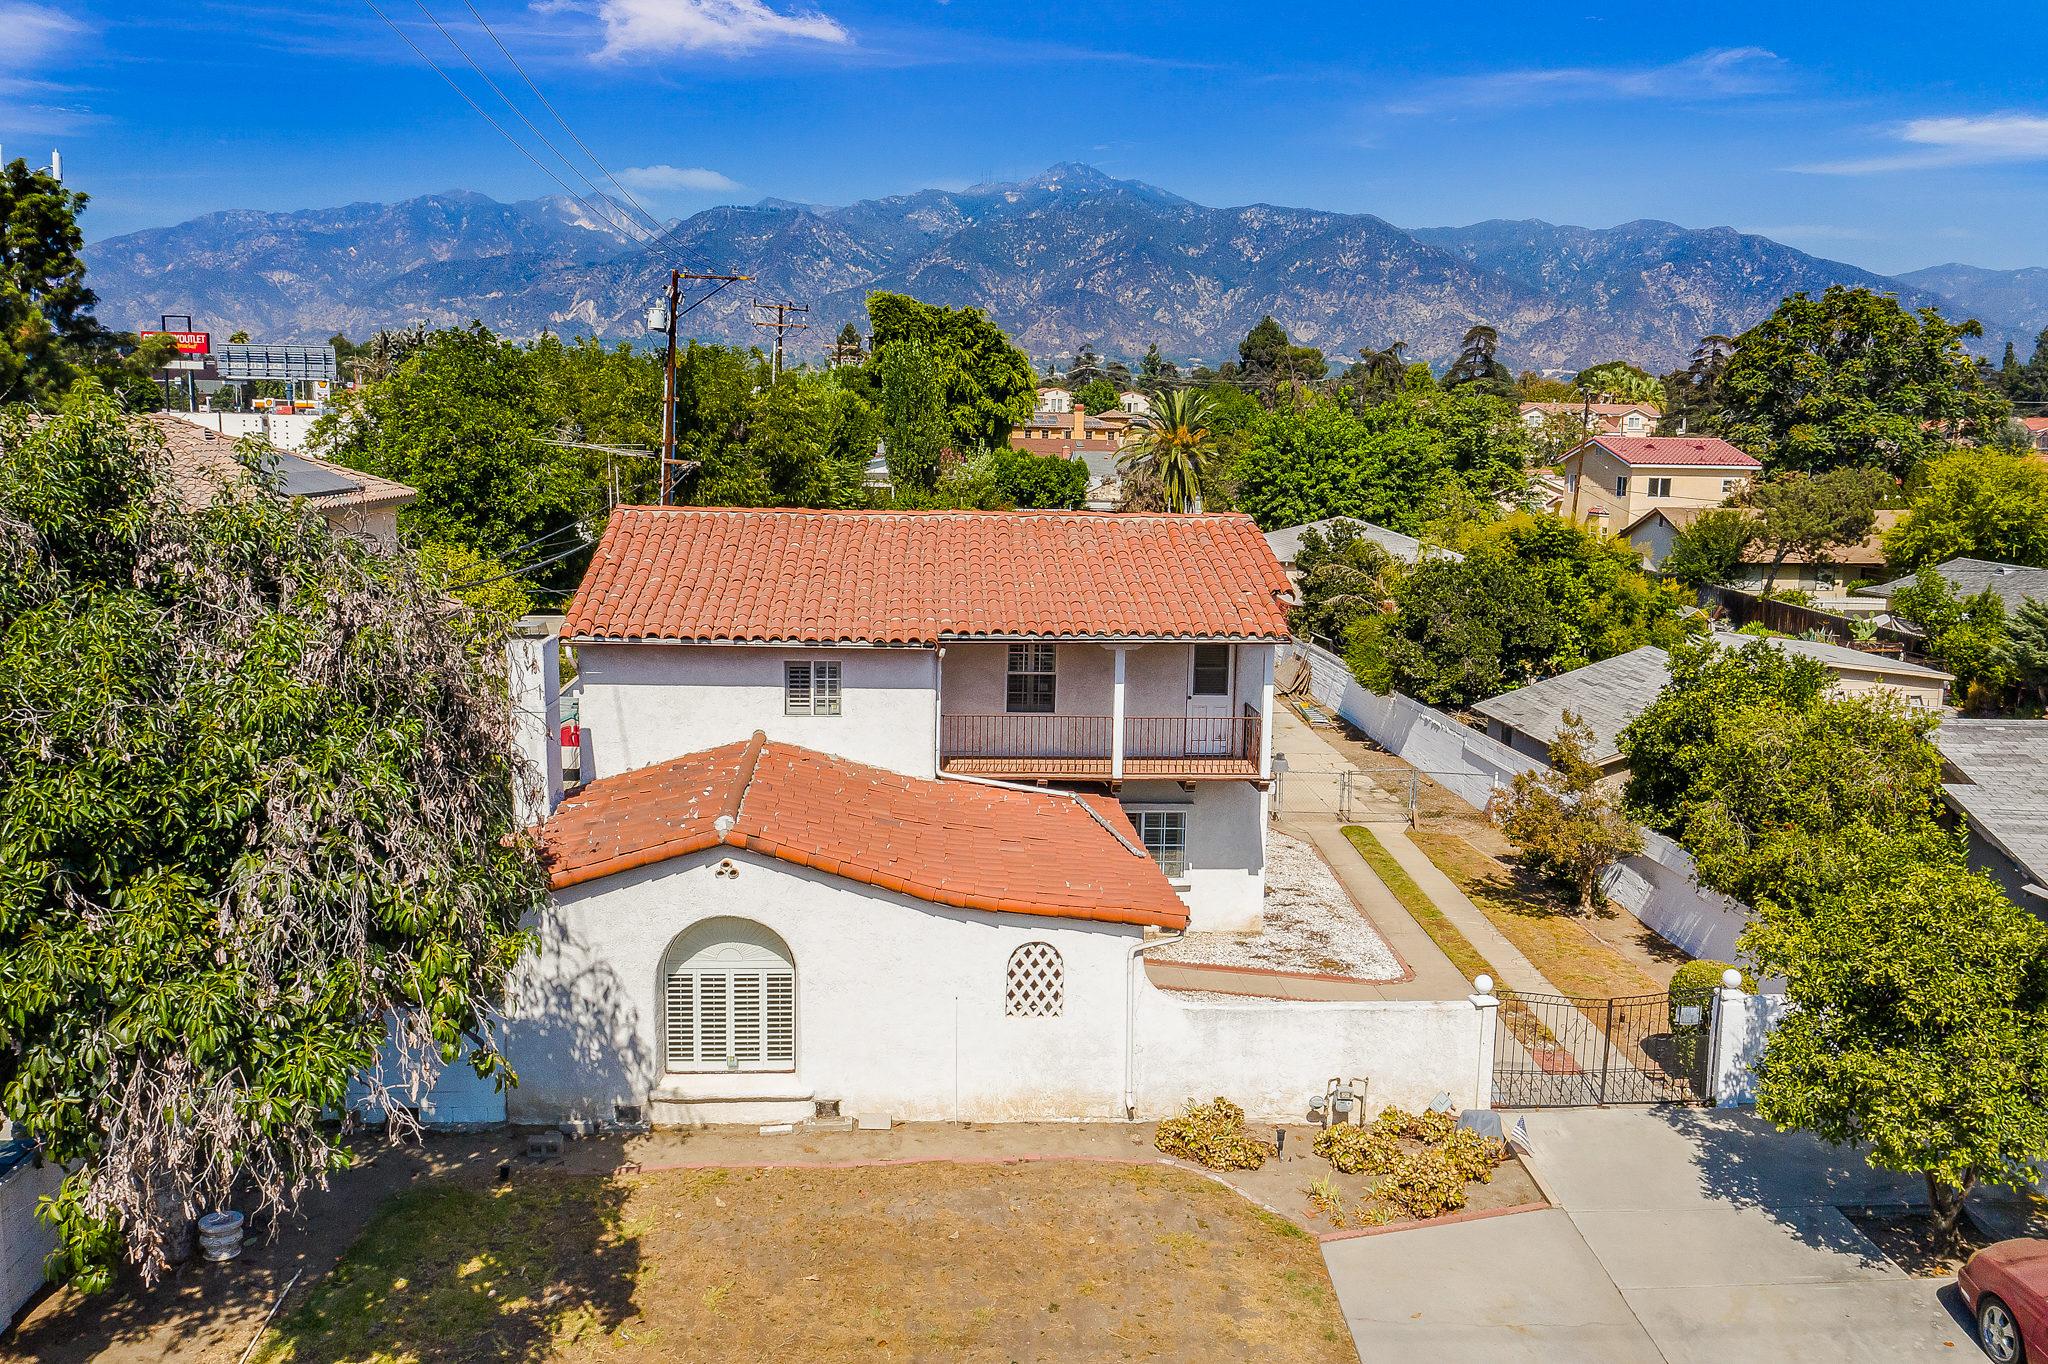 9033 E Fairview Ave, San Gabriel, CA 91775